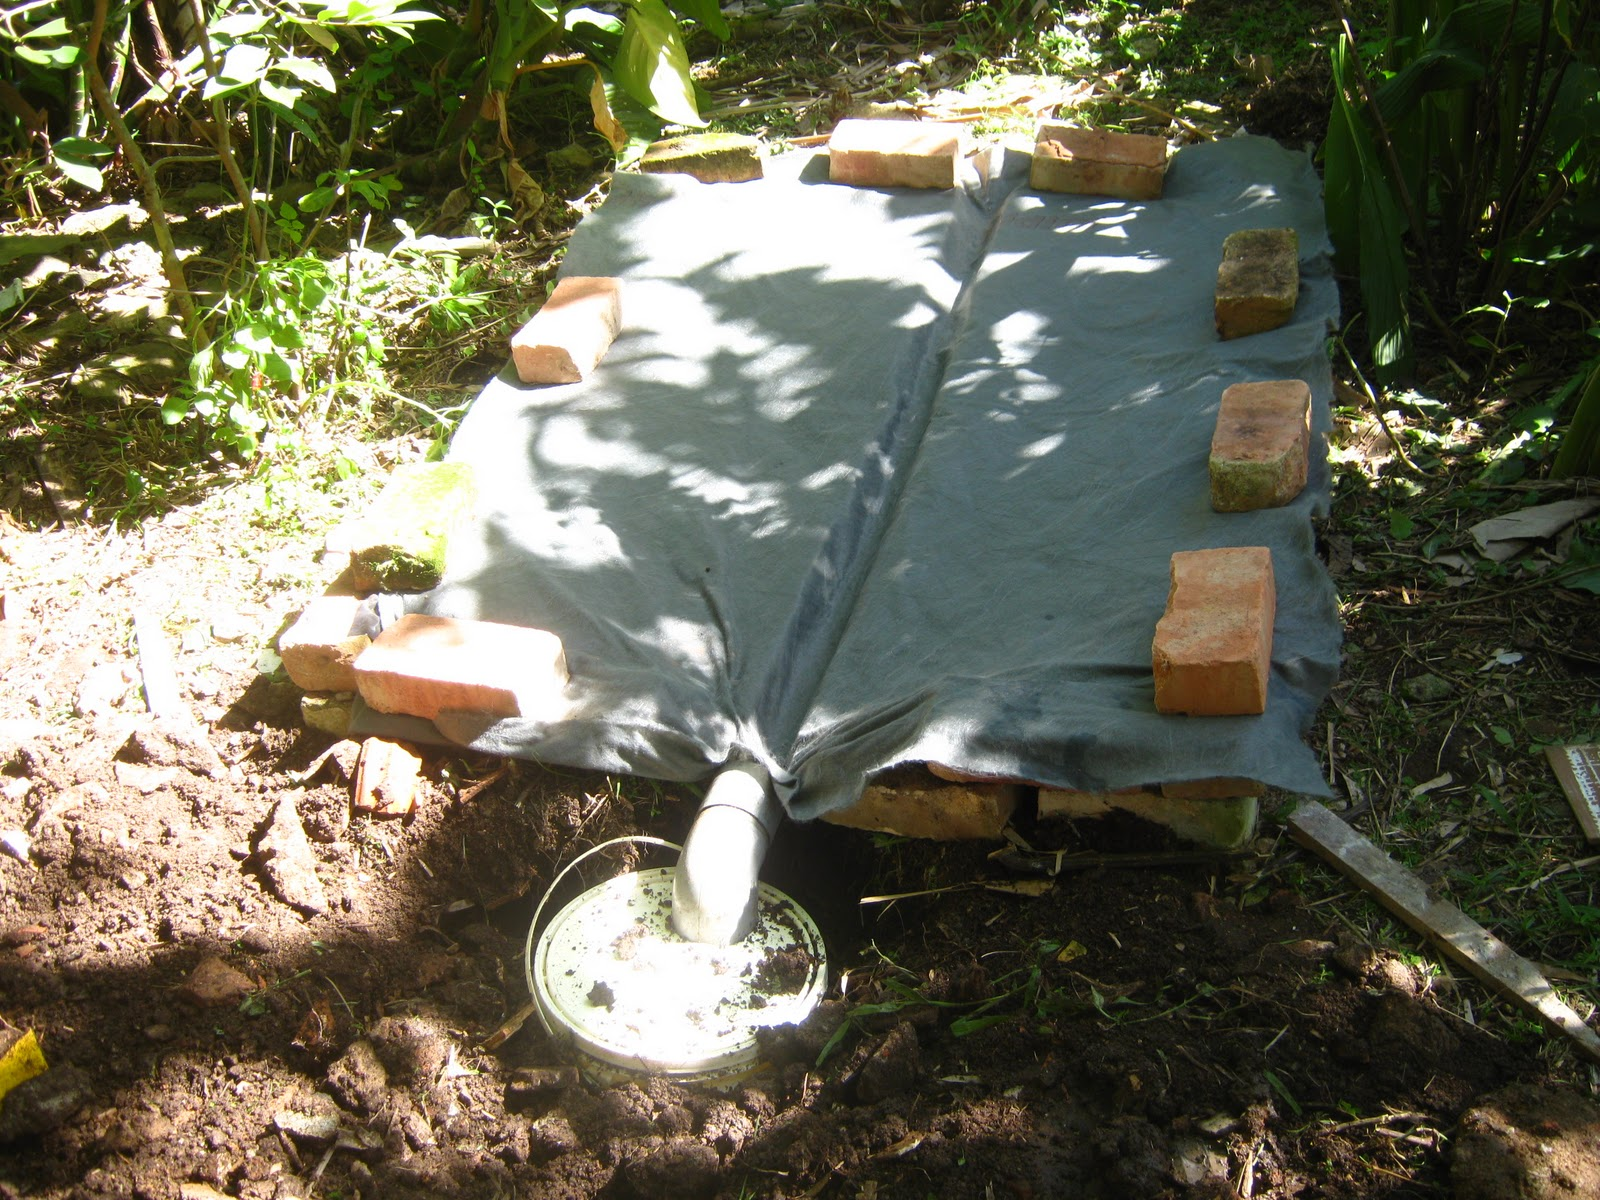 Banheiro Seco ecológico: Capacitação para implantação e  #8F7E3C 1600 1200